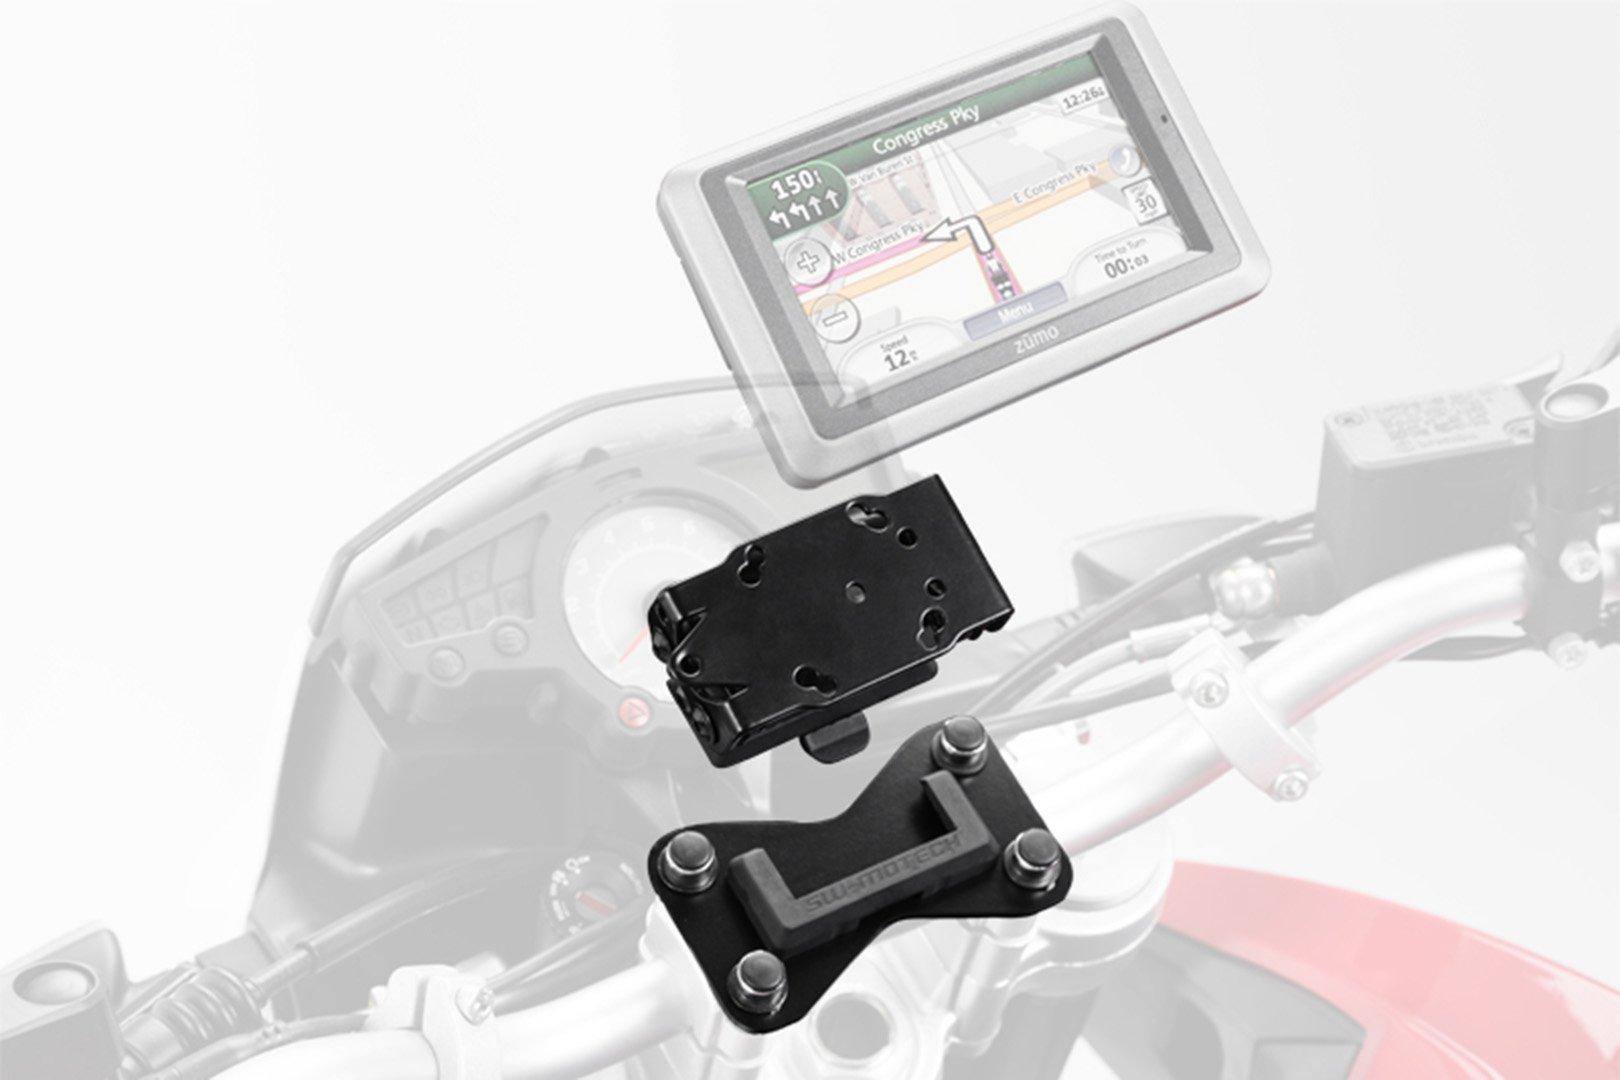 SW-Motech GPS mount for cockpit (black) BMW K 1200 GT (06-08), K 1300 GT (09-11)